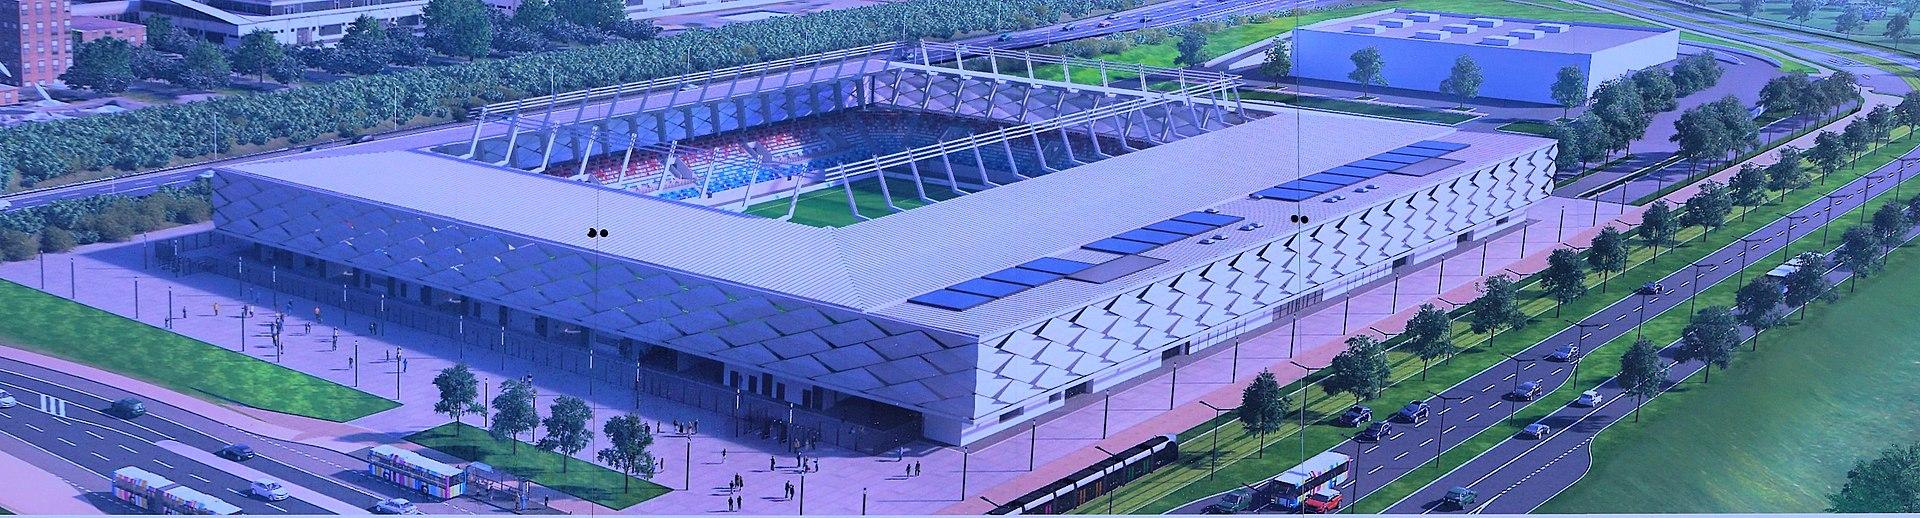 """Stadion vu Lëtzebuerg am Plaz """"Stade de Luxembourg"""""""